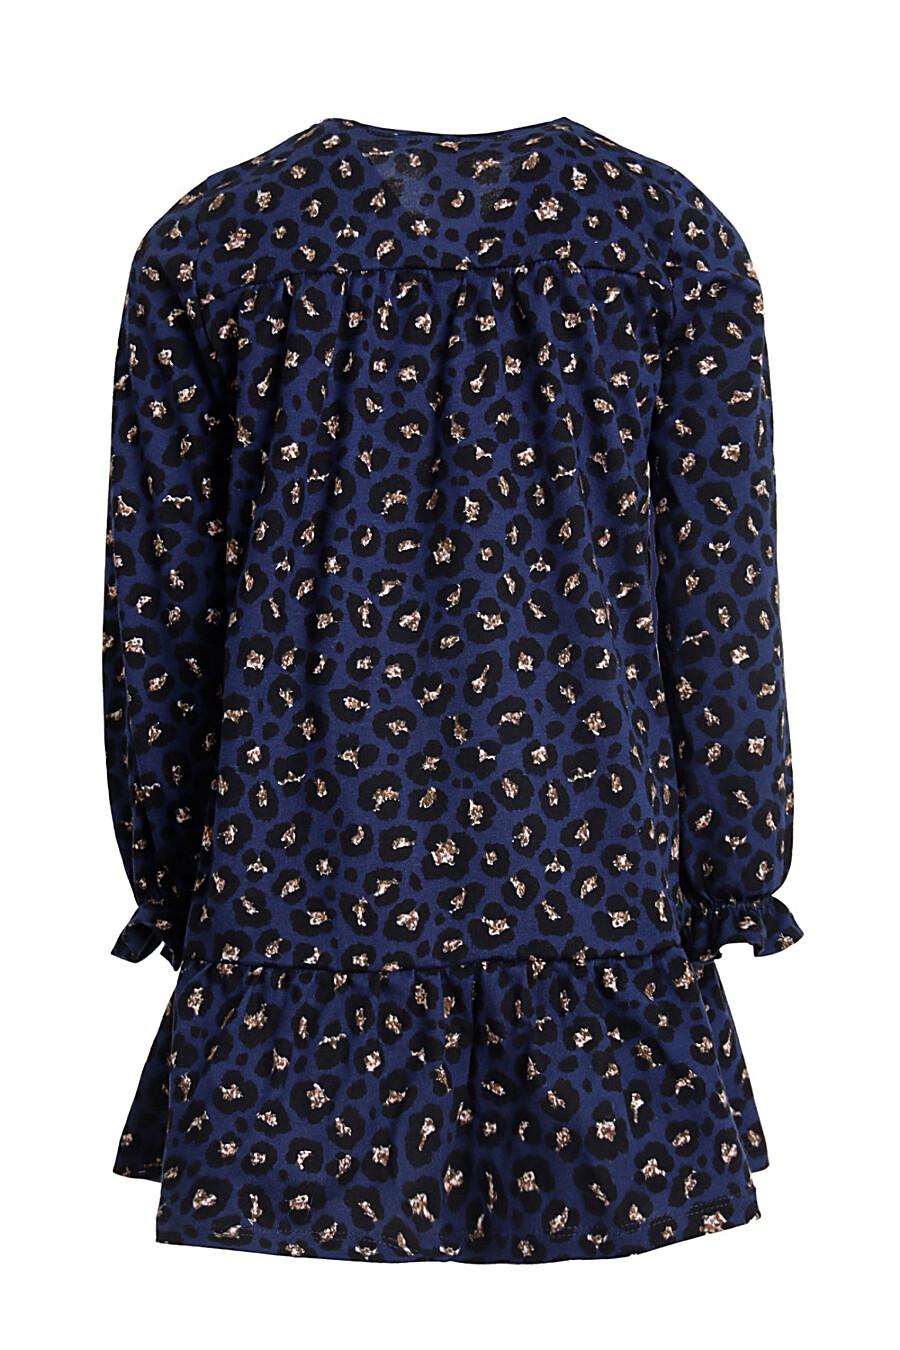 Платье Кузина детское для девочек НАТАЛИ 321669 купить оптом от производителя. Совместная покупка детской одежды в OptMoyo